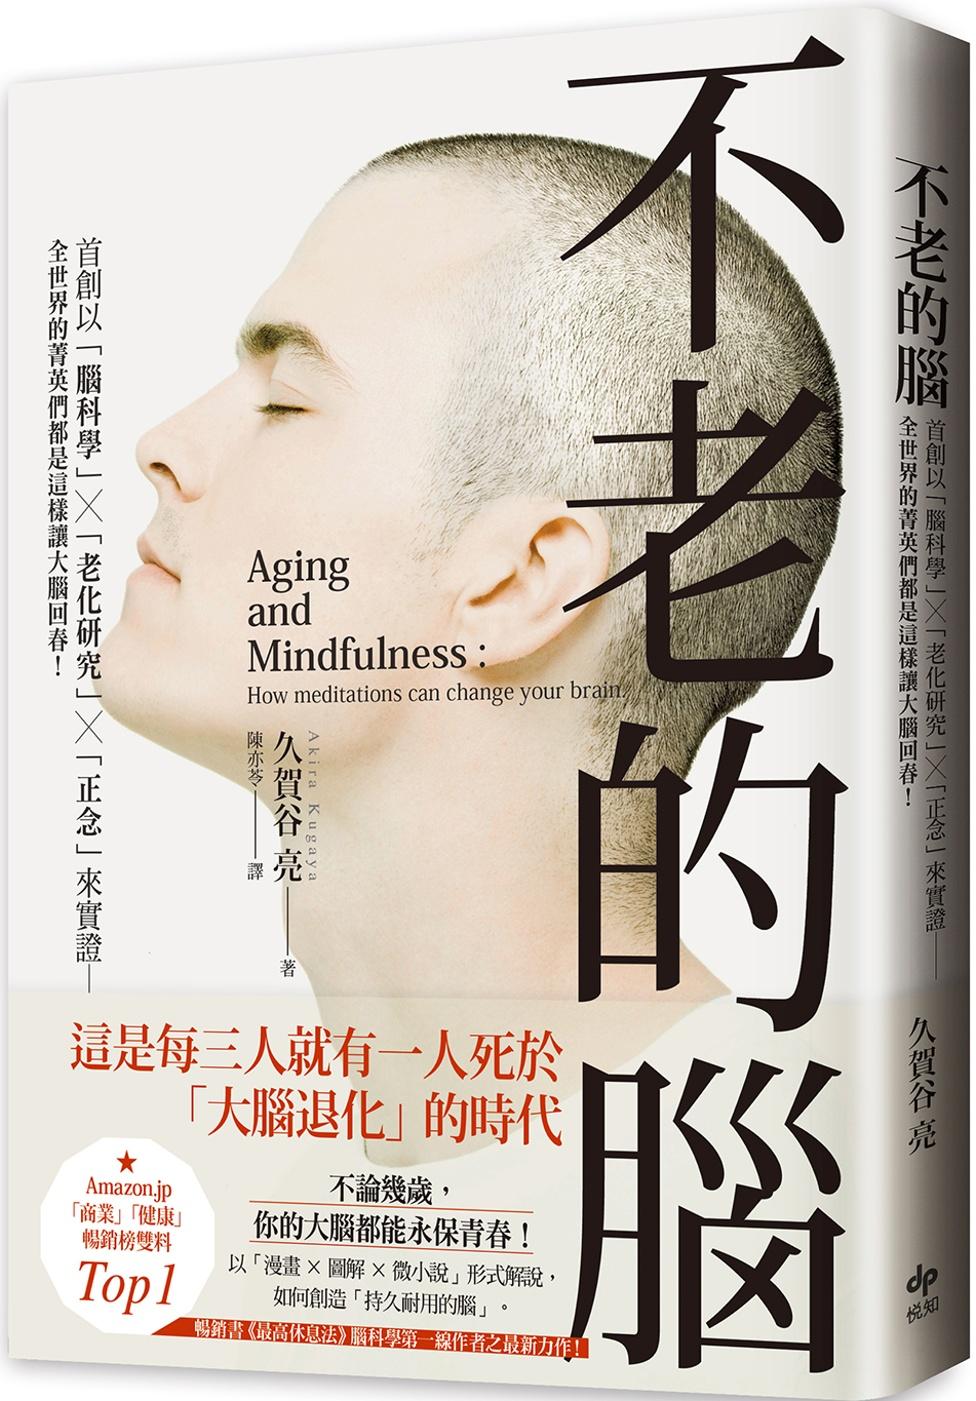 不老的腦:首創以「腦科學」╳「老化研究」╳「正念」來實證──全世界的菁英們都是這樣讓大腦回春!